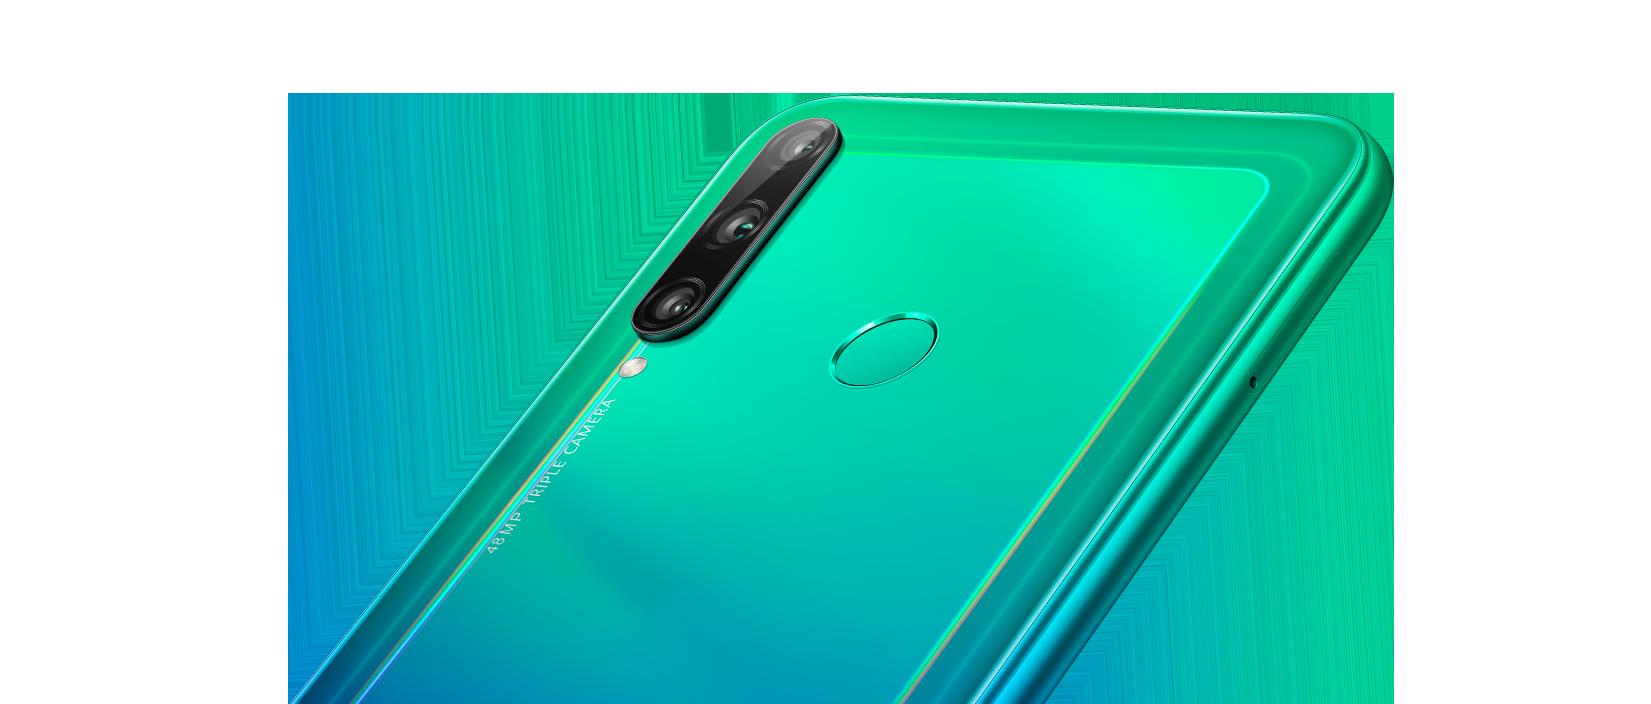 Huawei Y7p Fingerprint Unlock Phone